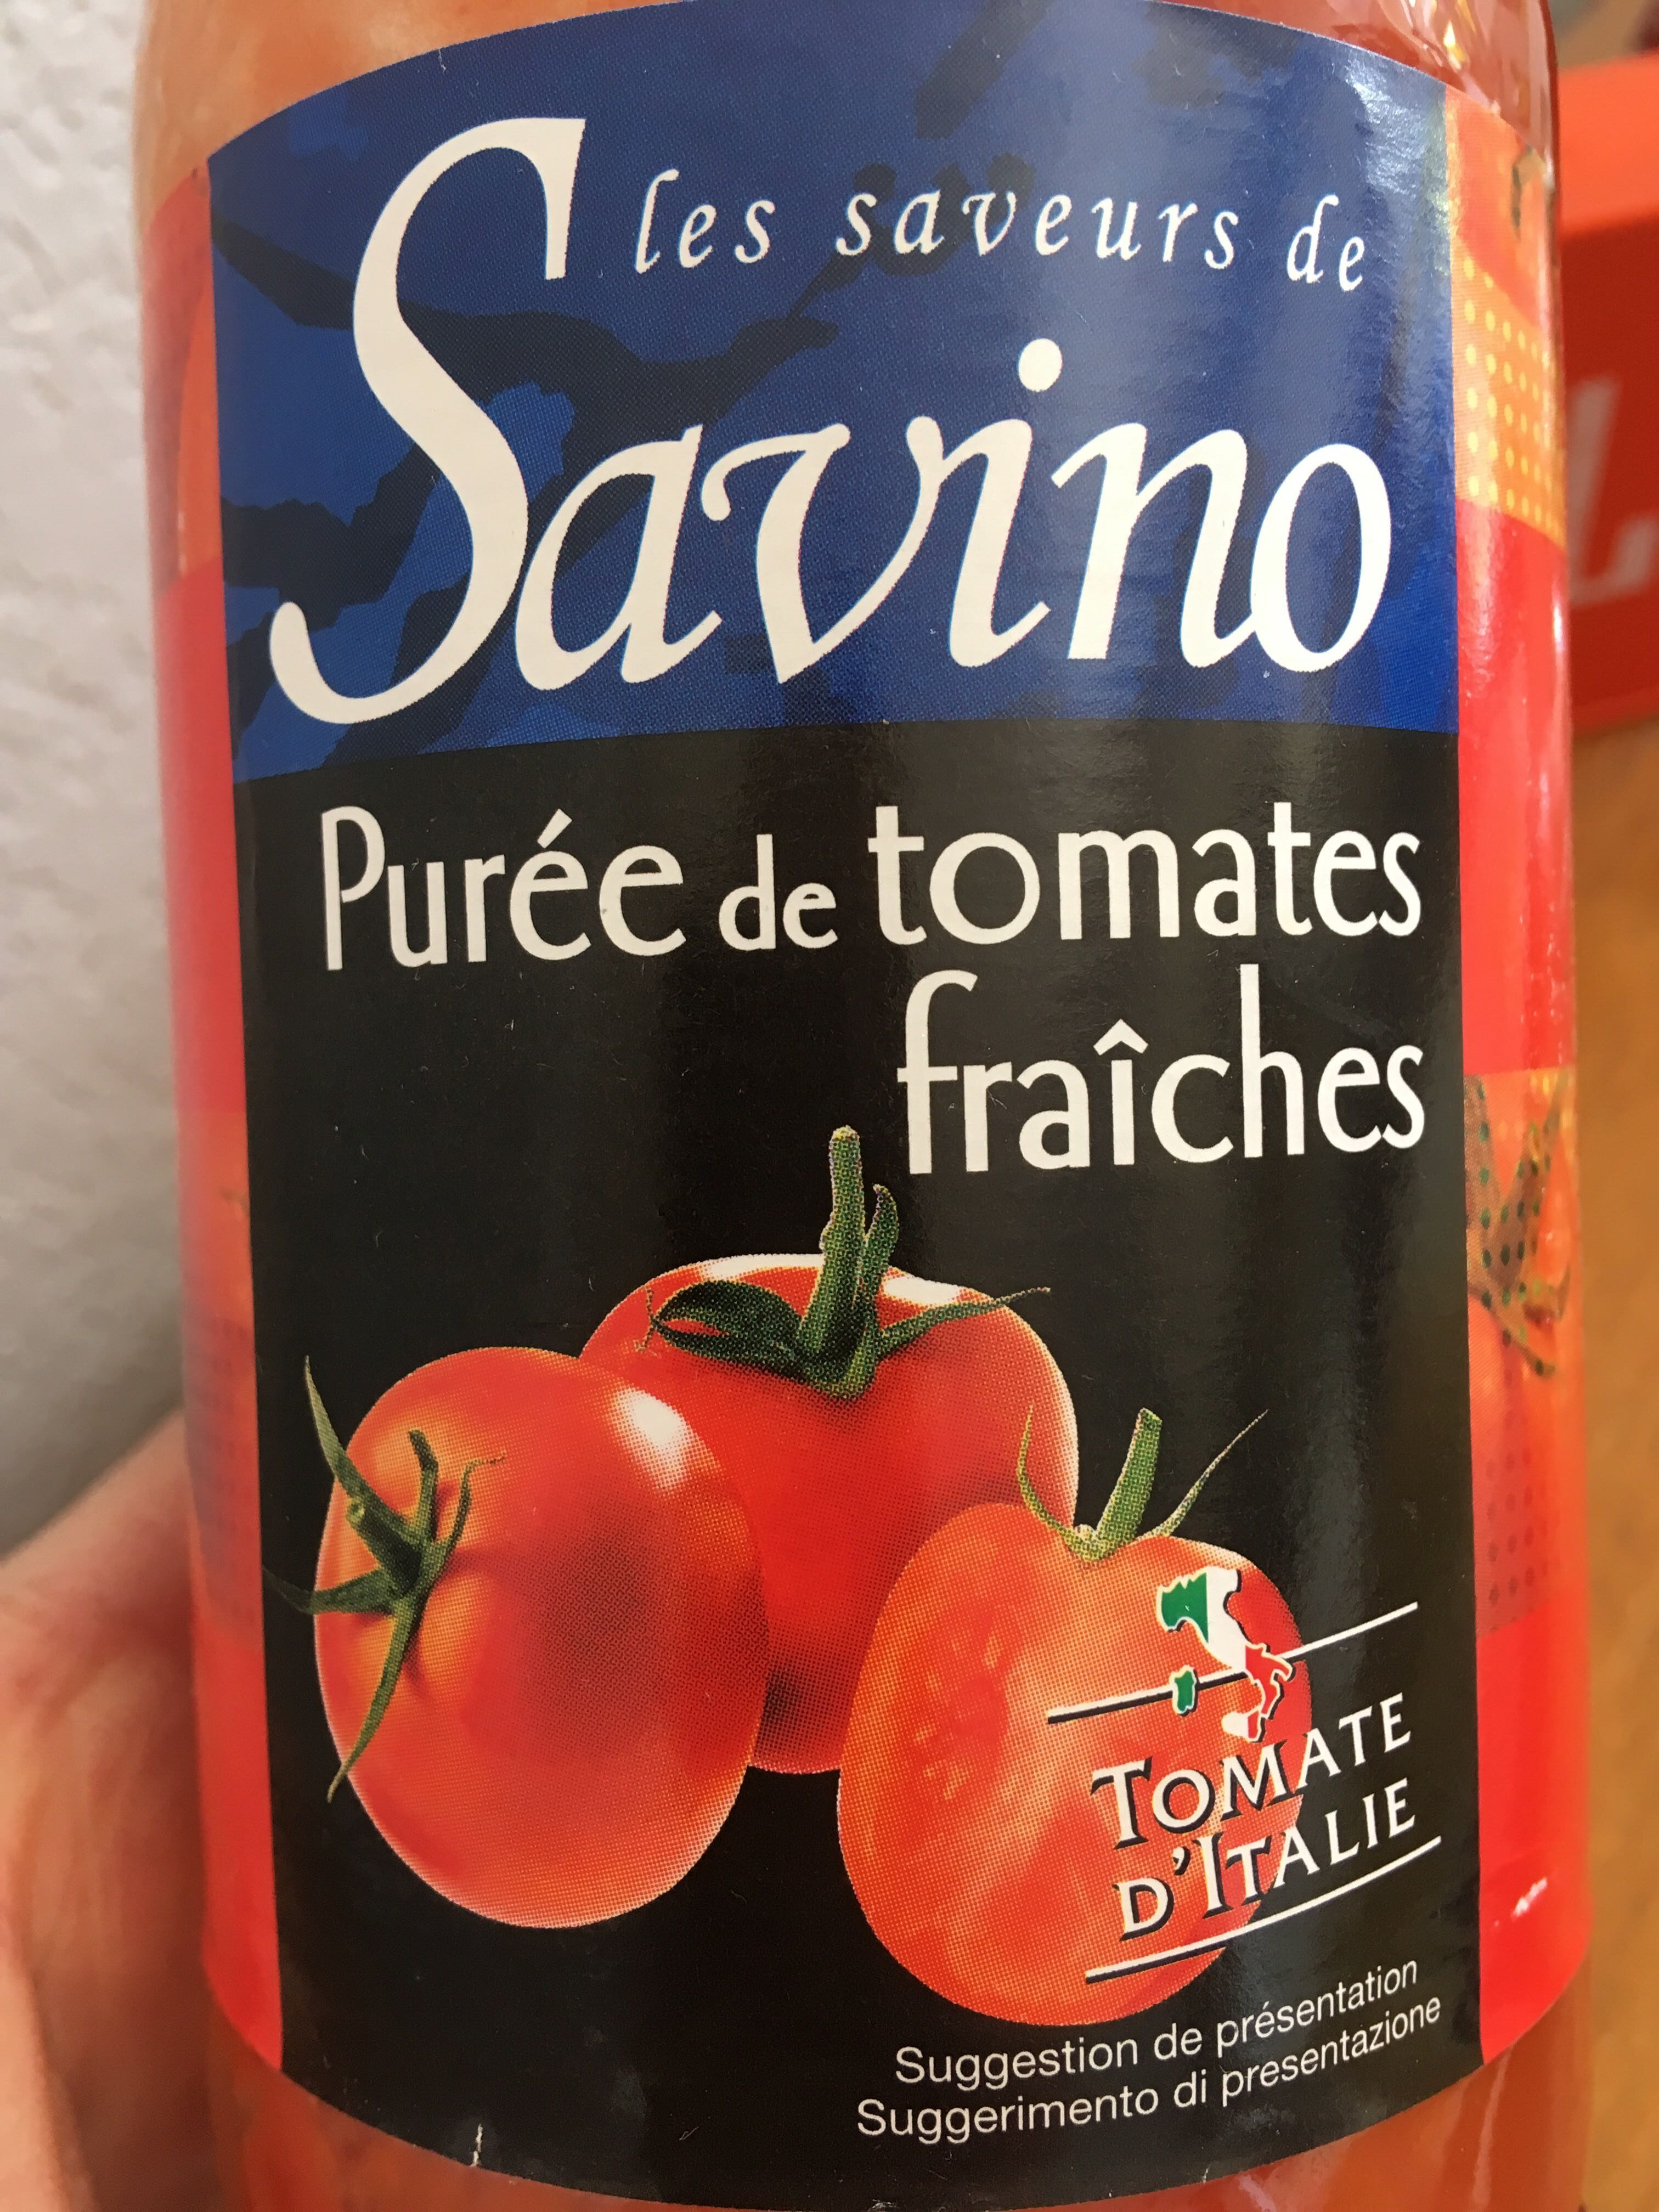 Purée de tomate fraîches - Produit - fr